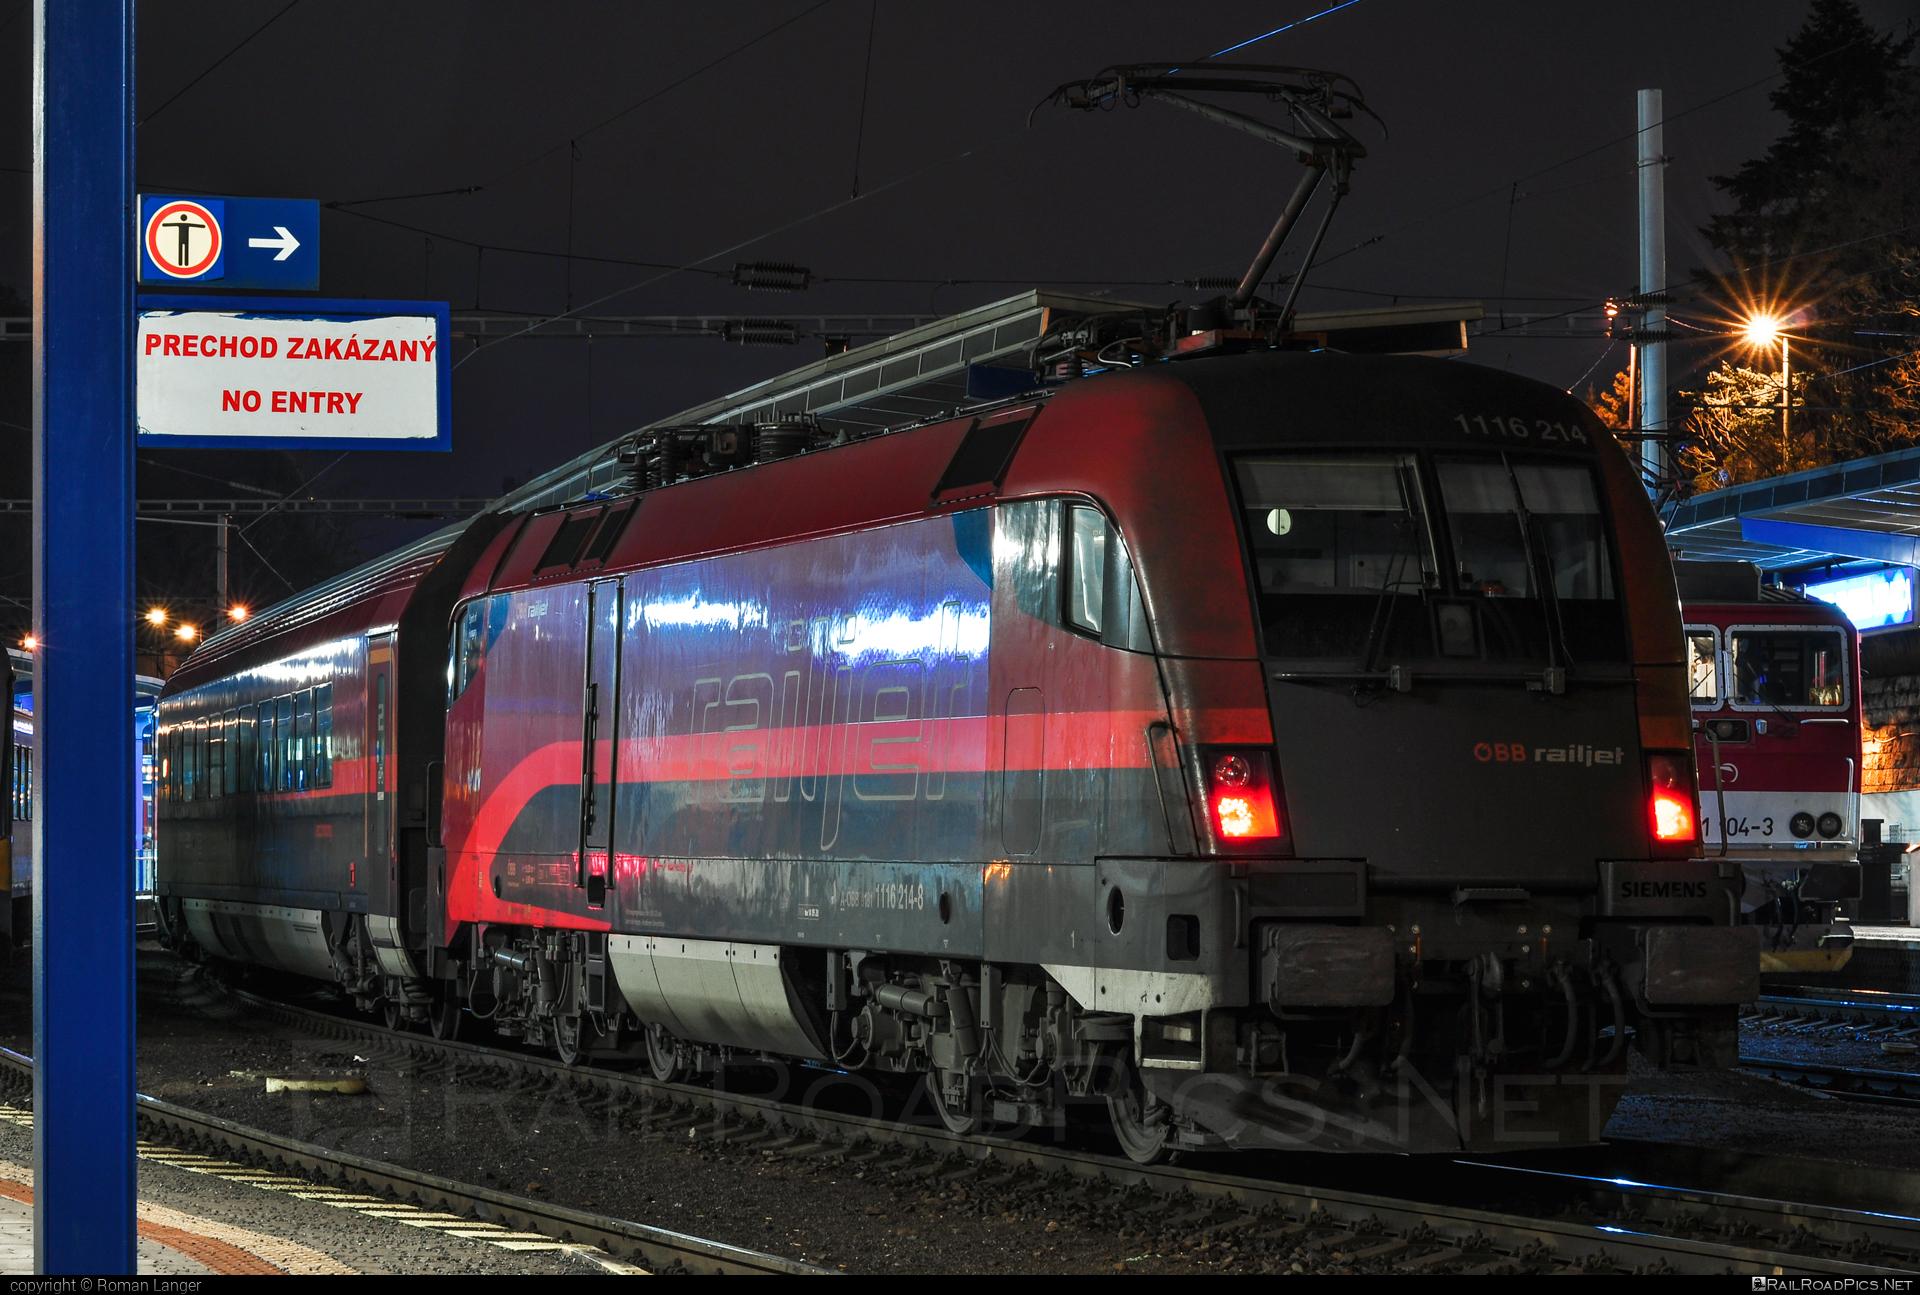 Siemens ES 64 U2 - 1116 214 operated by Österreichische Bundesbahnen #es64 #es64u #es64u2 #eurosprinter #obb #obbrailjet #osterreichischebundesbahnen #railjet #railjetexpress #siemens #siemenses64 #siemenses64u #siemenses64u2 #siemenstaurus #taurus #tauruslocomotive